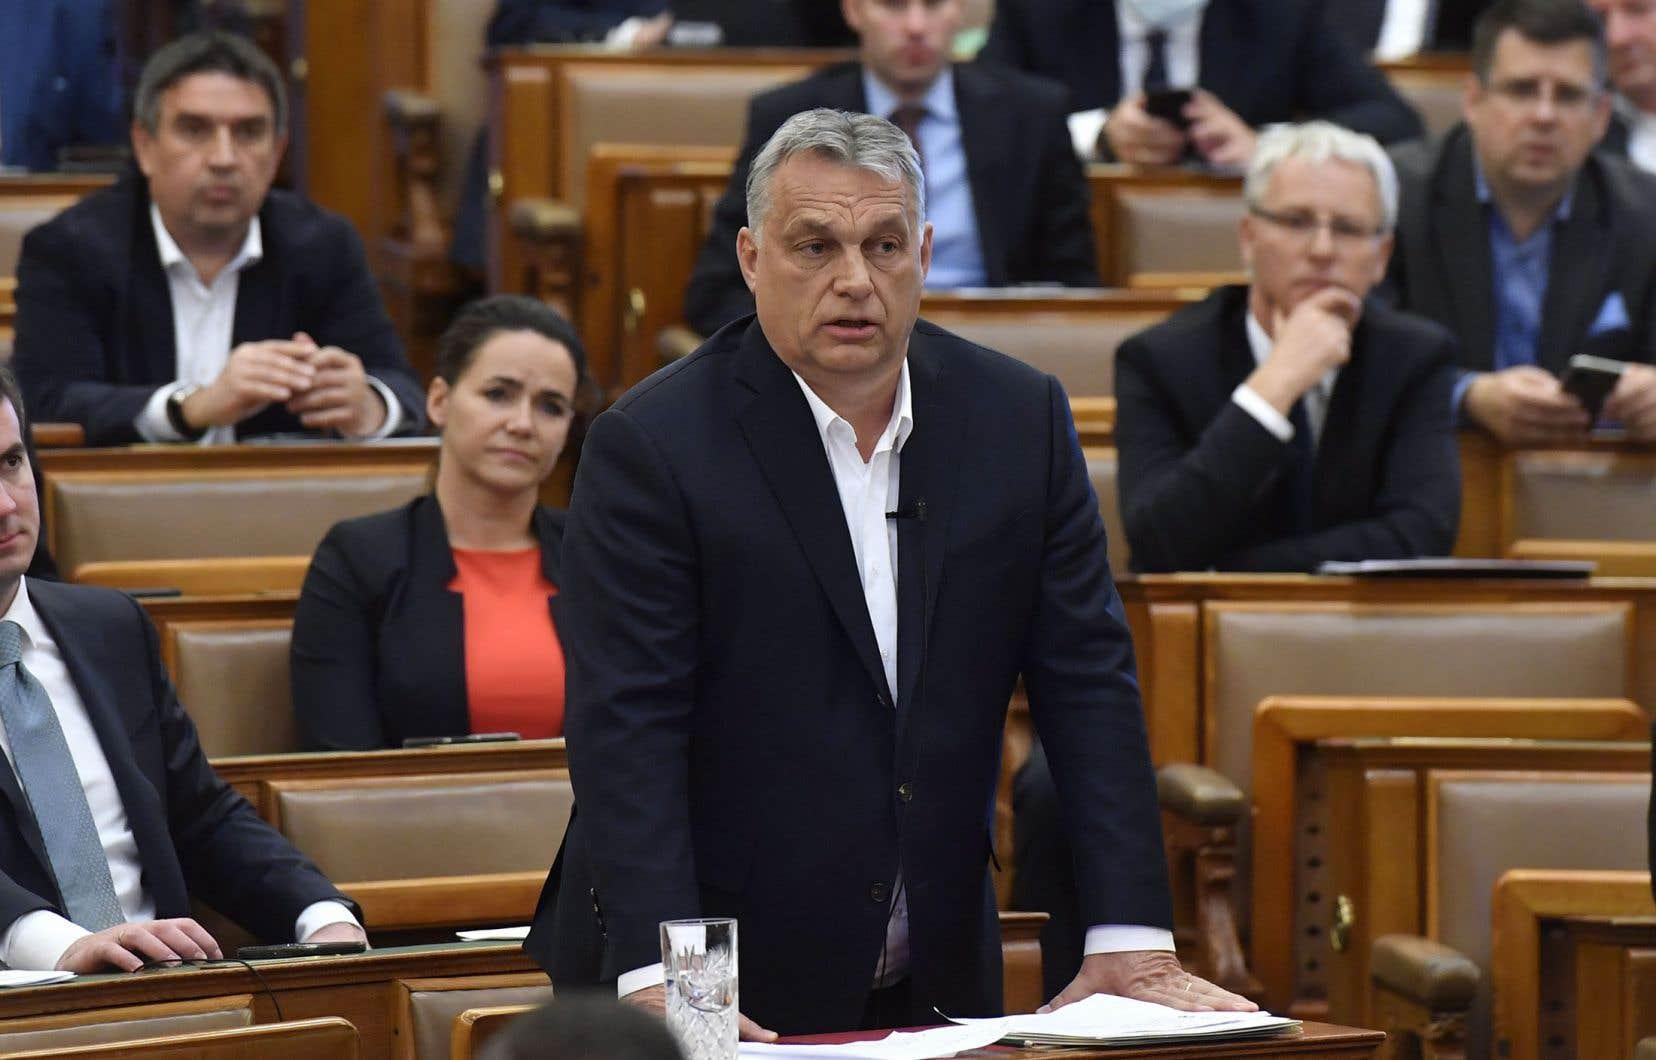 Lundi, le premier ministre souverainiste, Viktor Orbán, a fait voter par sa majorité de droite nationaliste une loi prolongeant l'état d'urgence sanitaire instauré le 11mars.